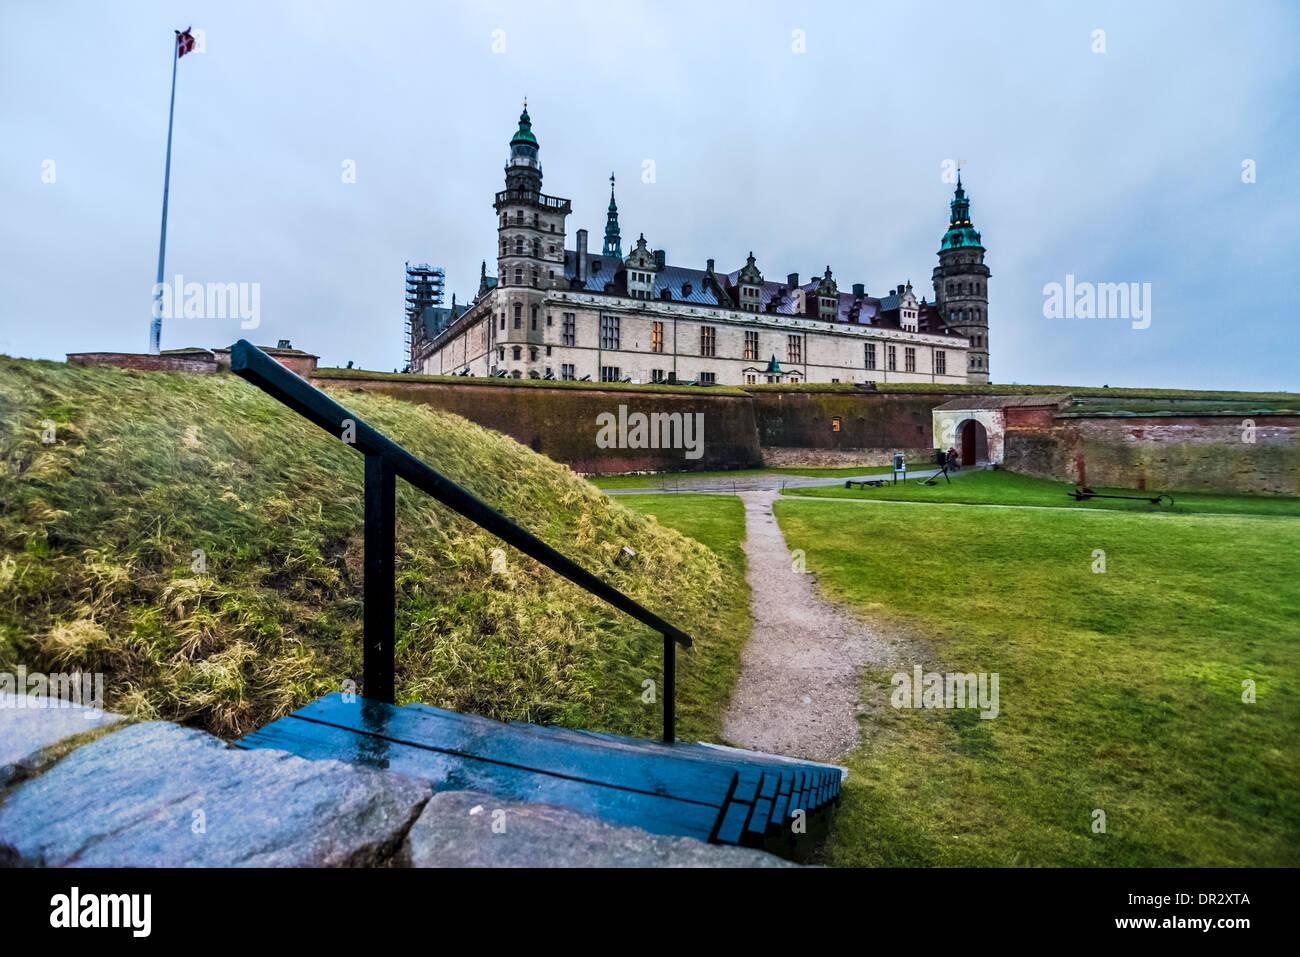 The Danish castle Kronborg in Helsingor - Stock Image